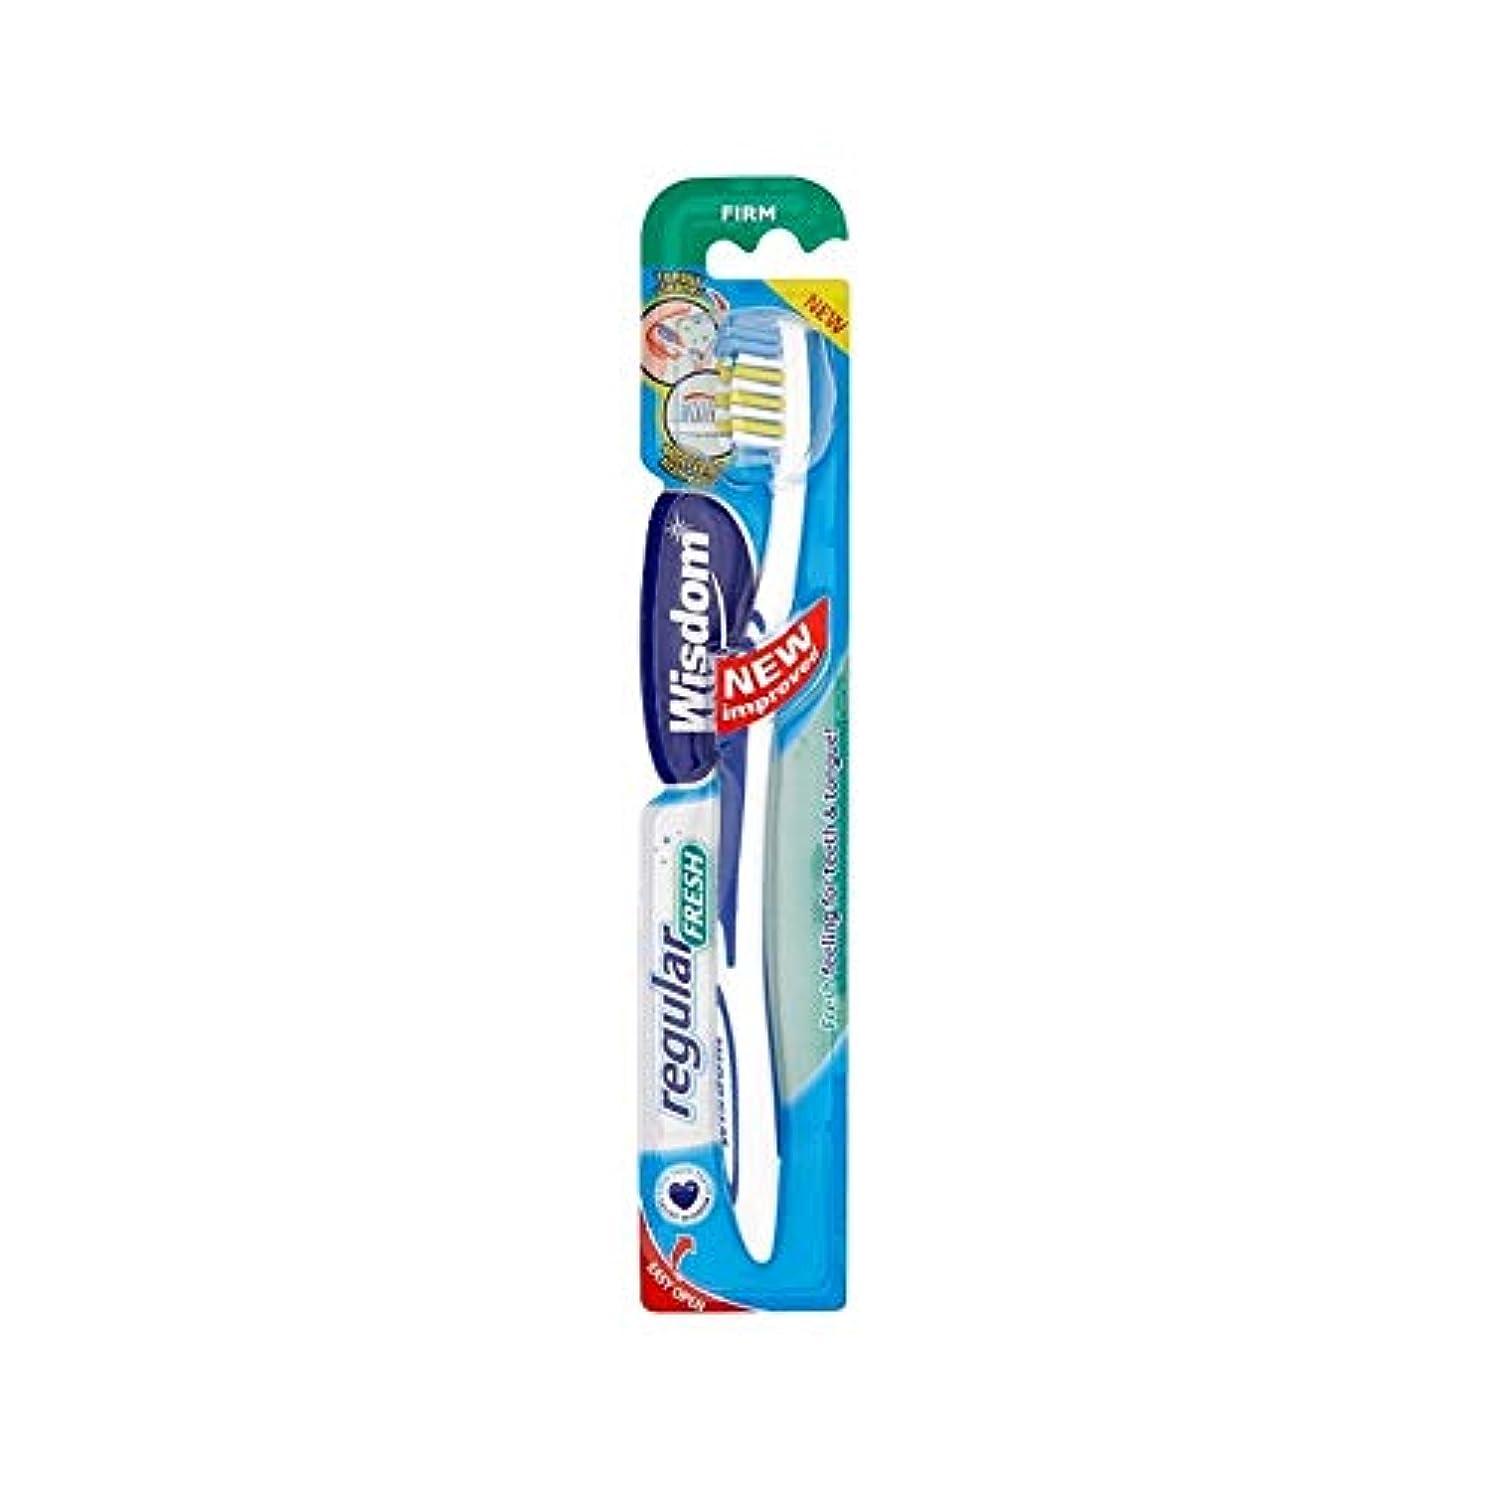 のスコア衣類ピアノを弾く[Wisdom ] 12の知恵定期的に新鮮しっかり歯ブラシパック - Wisdom Regular Fresh Firm Toothbrush Pack of 12 [並行輸入品]